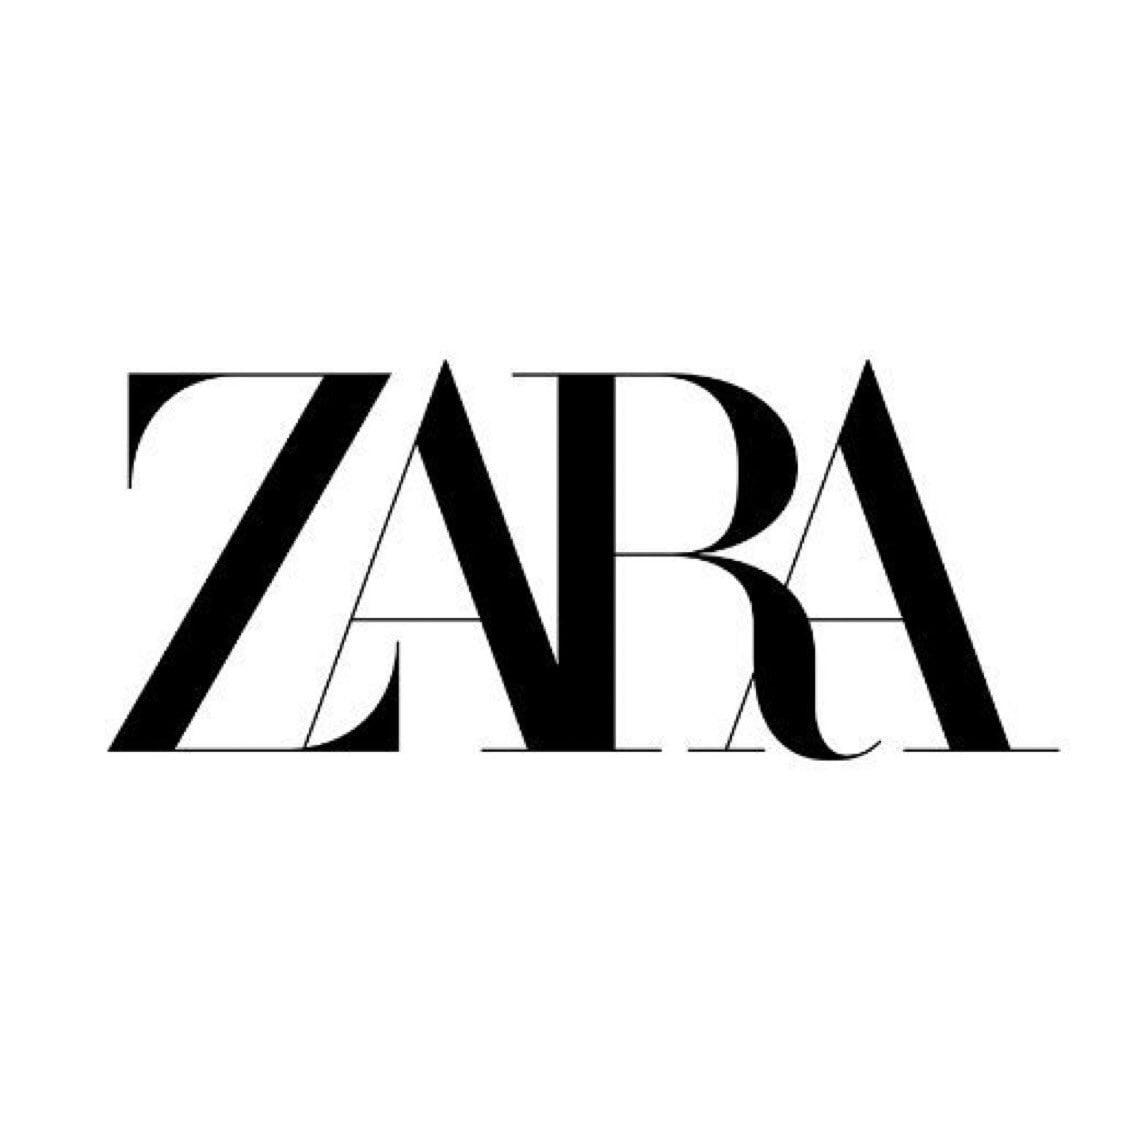 Zara je promijenila logo i vjerojatno vas na nešto podsjeća…